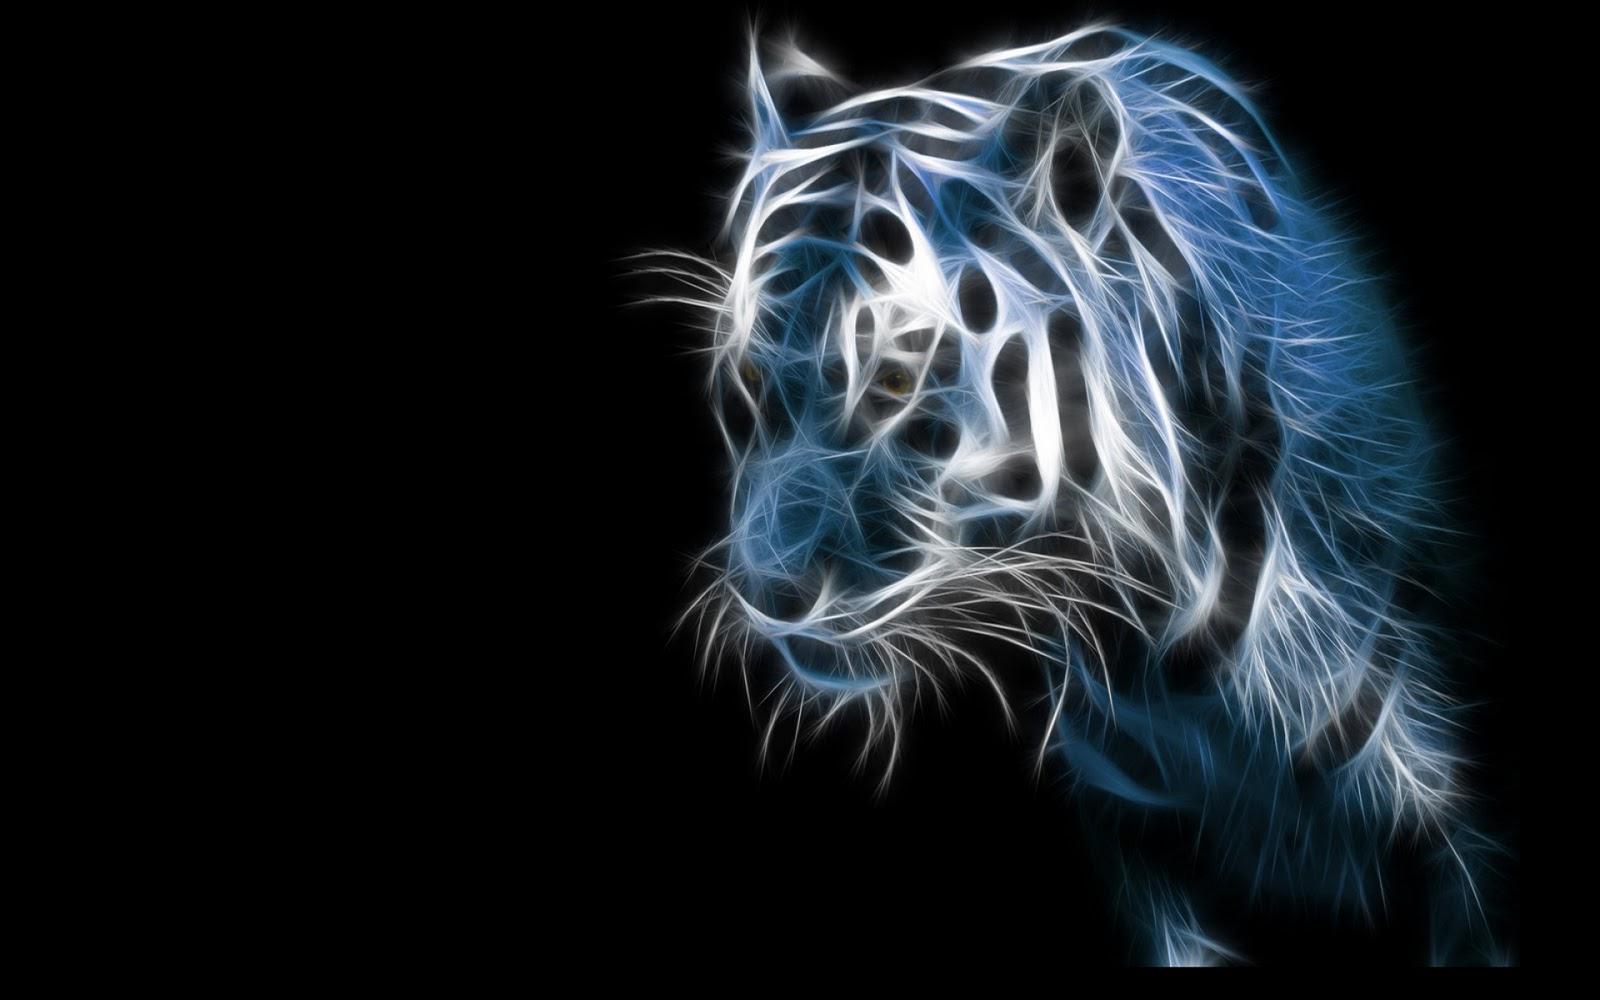 http://2.bp.blogspot.com/_5zgxaFyS-pk/TOBQ51c2_CI/AAAAAAAAAMU/wABL5V17uNY/s1600/9%2520(2).jpg